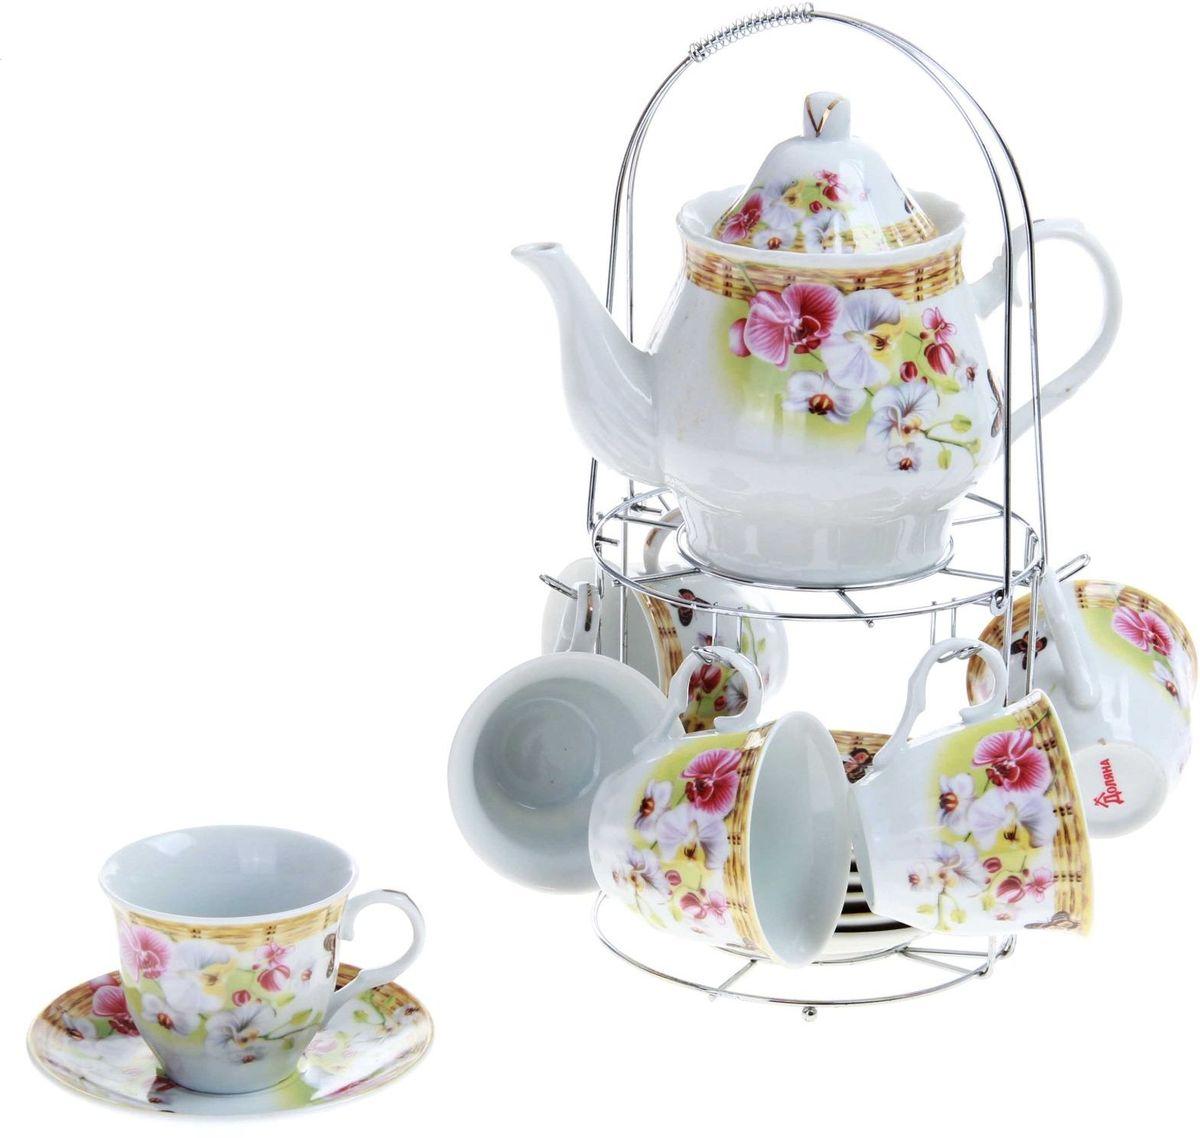 """Какую посуду выбрать для чаепития? Конечно, традиционный напиток по необходимости можно пить и из помятой алюминиевой кружки. Но все-таки большинство хозяек стараются приобрести изящные и оригинальные модели для эстетического наслаждения неповторимым вкусом и тонким ароматом хорошего чая.Кухонная керамика сочетает в себе бытовую практичность и декоративную утонченность. Набор чайный на 6 персон """"Садовый дворик"""", 13 предметов: 6 чайных пар 250 мл, чайник 1 л отличается высокой прочностью и обаятельным дизайном. Нарядный комплект обязательных для чаепития атрибутов изготовлен на родине древнего напитка и привнесет в каждую трапезу особую энергетику."""